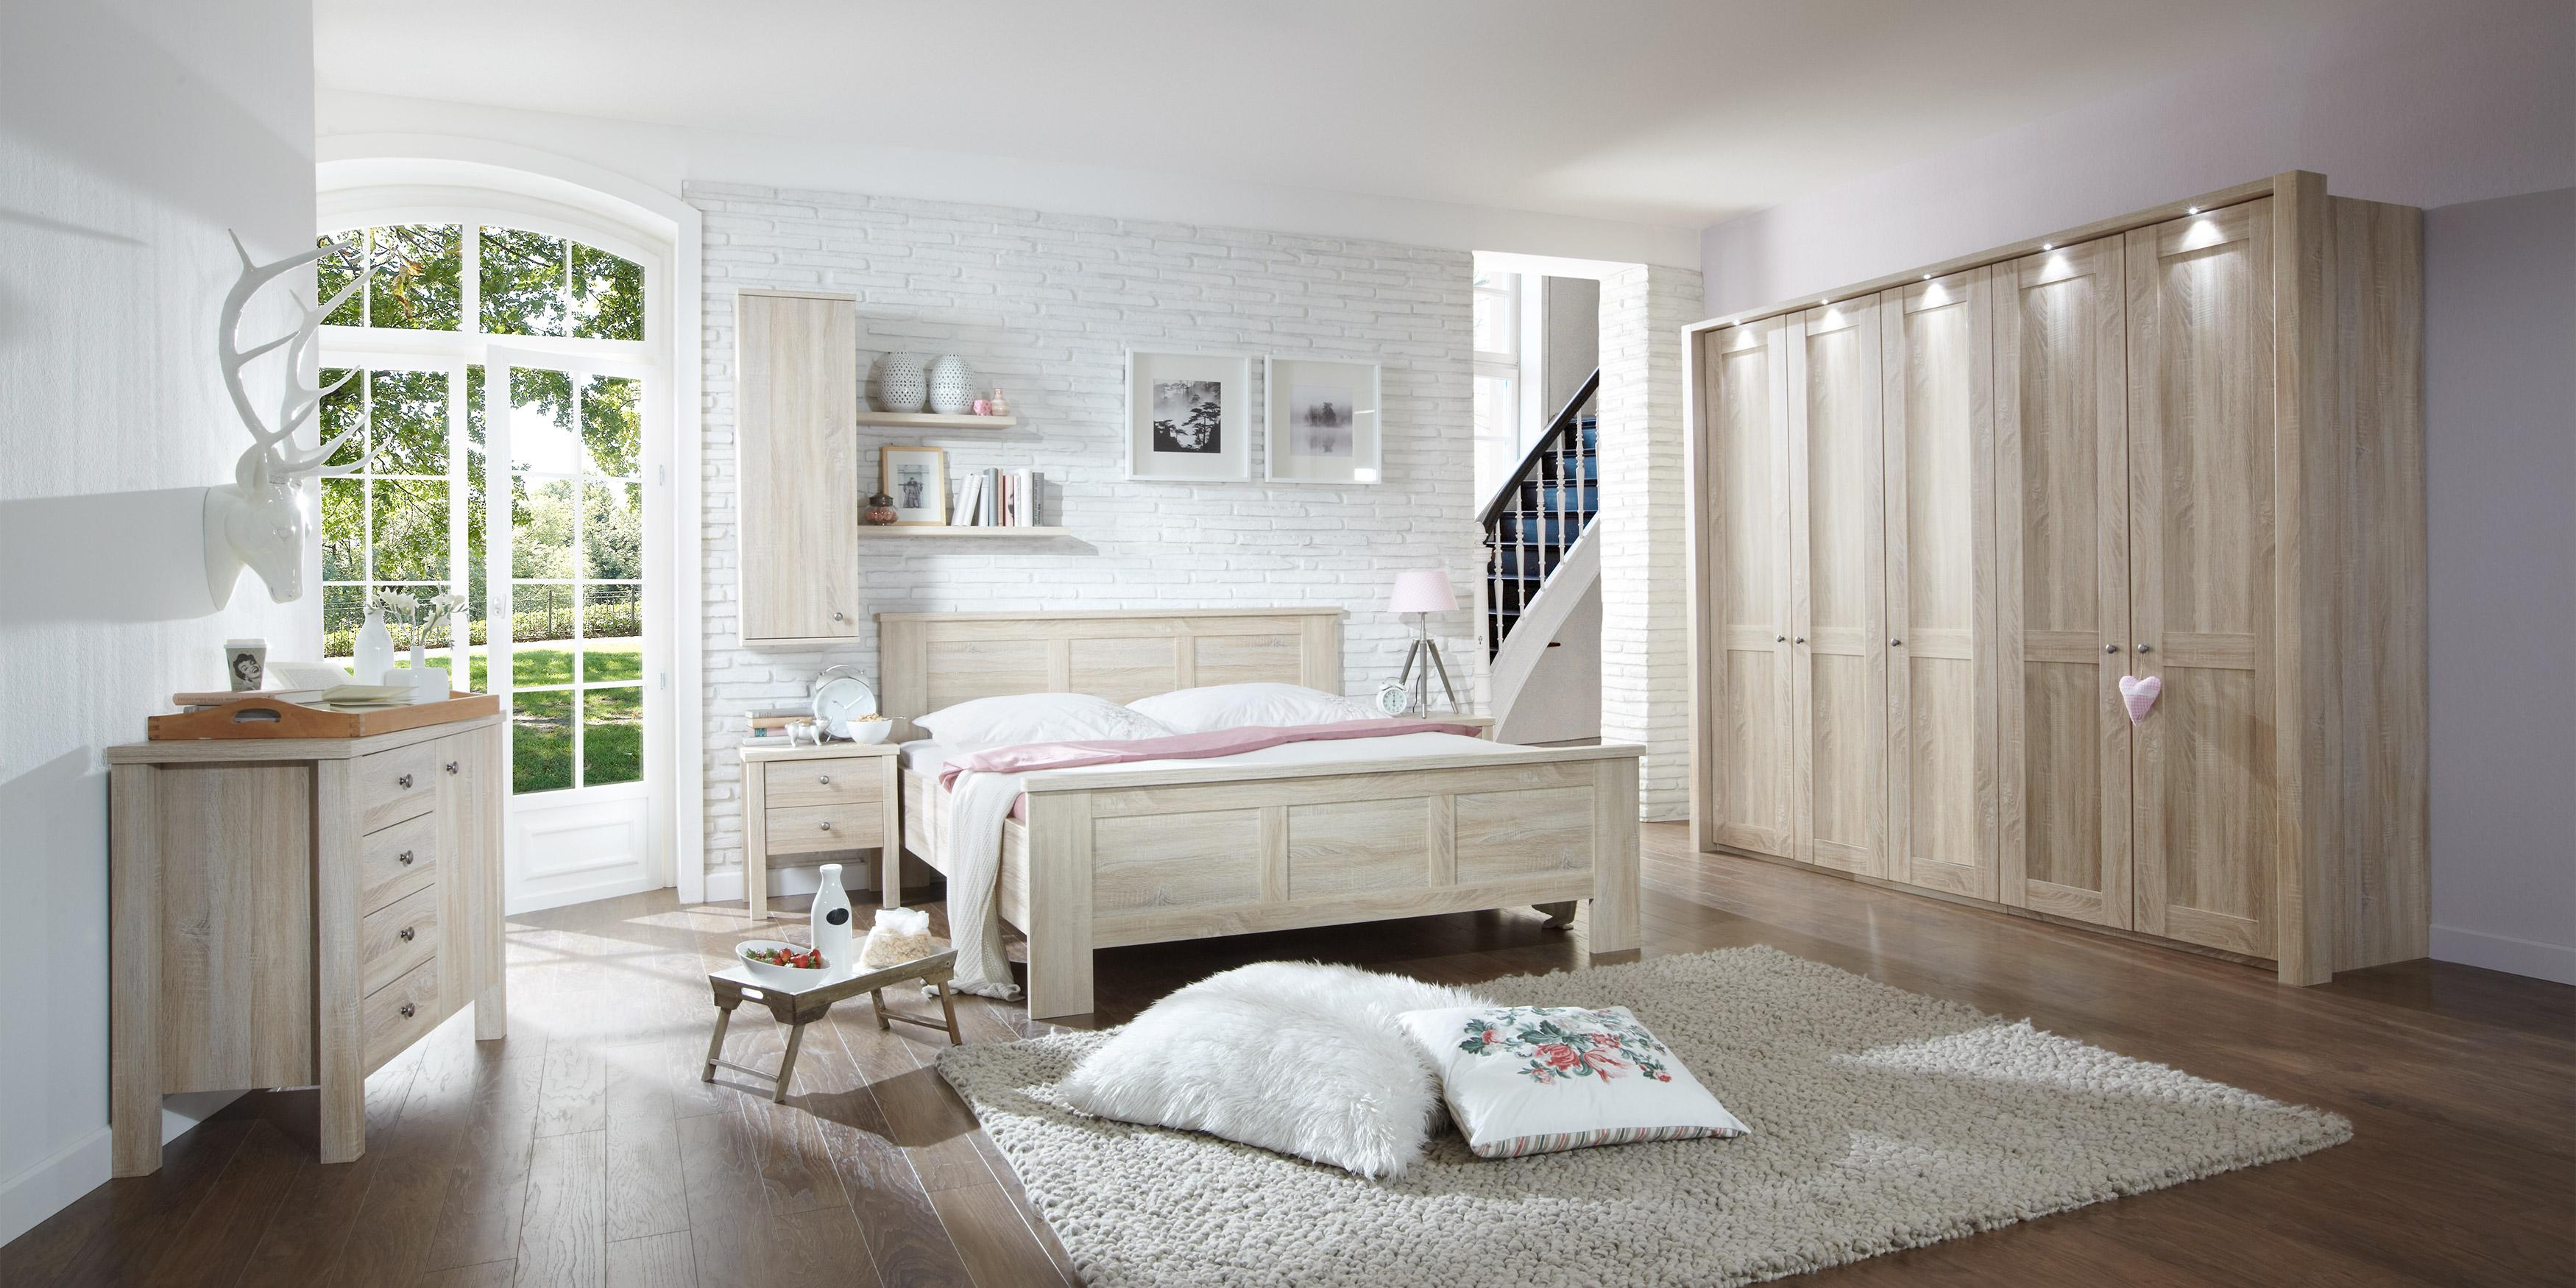 schlafzimmer ausstattung modern ~ Übersicht traum schlafzimmer, Schlafzimmer entwurf